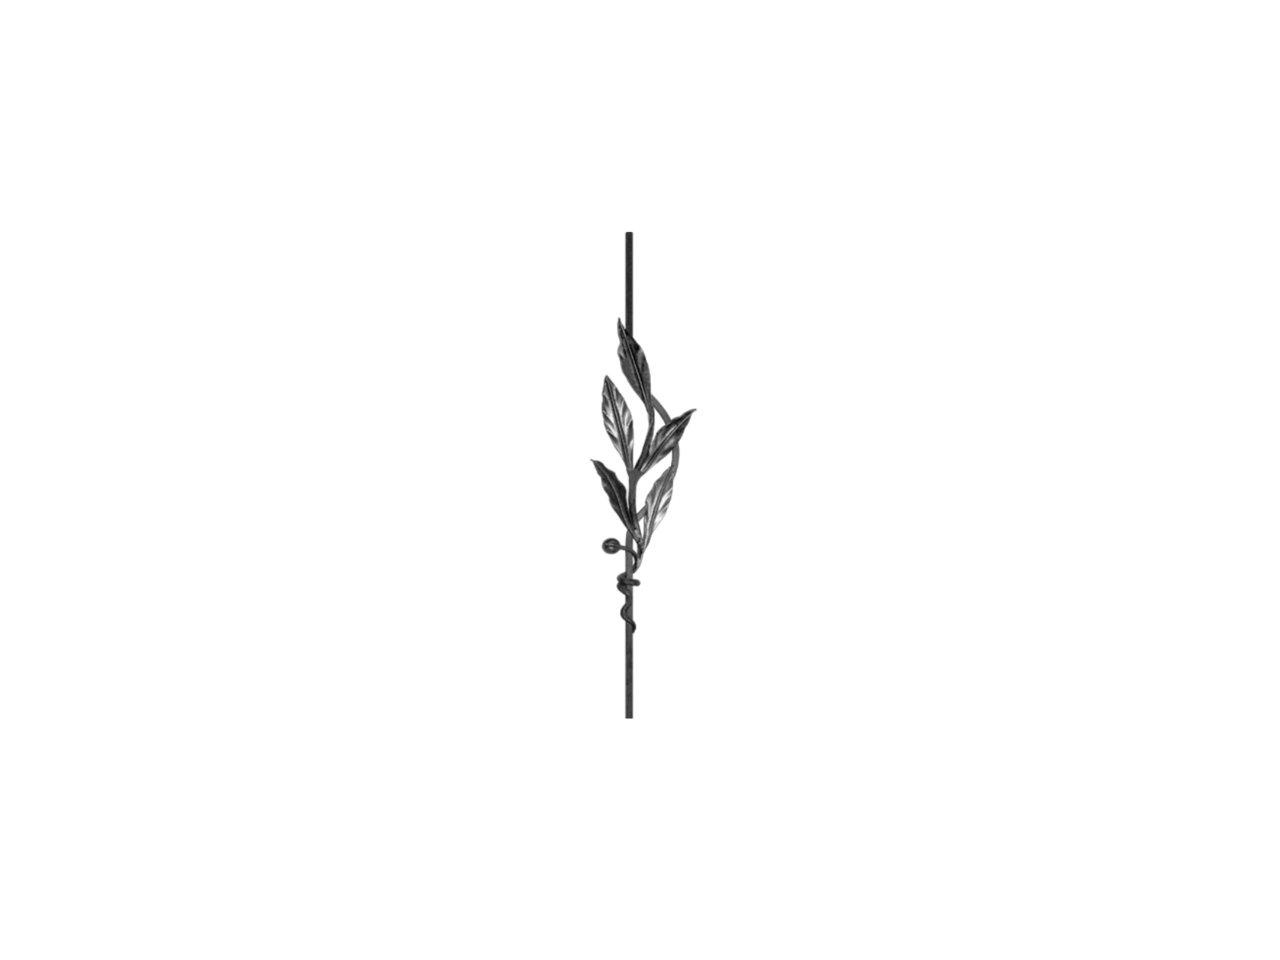 Tralka Prosta Ozdobna 07.313.01